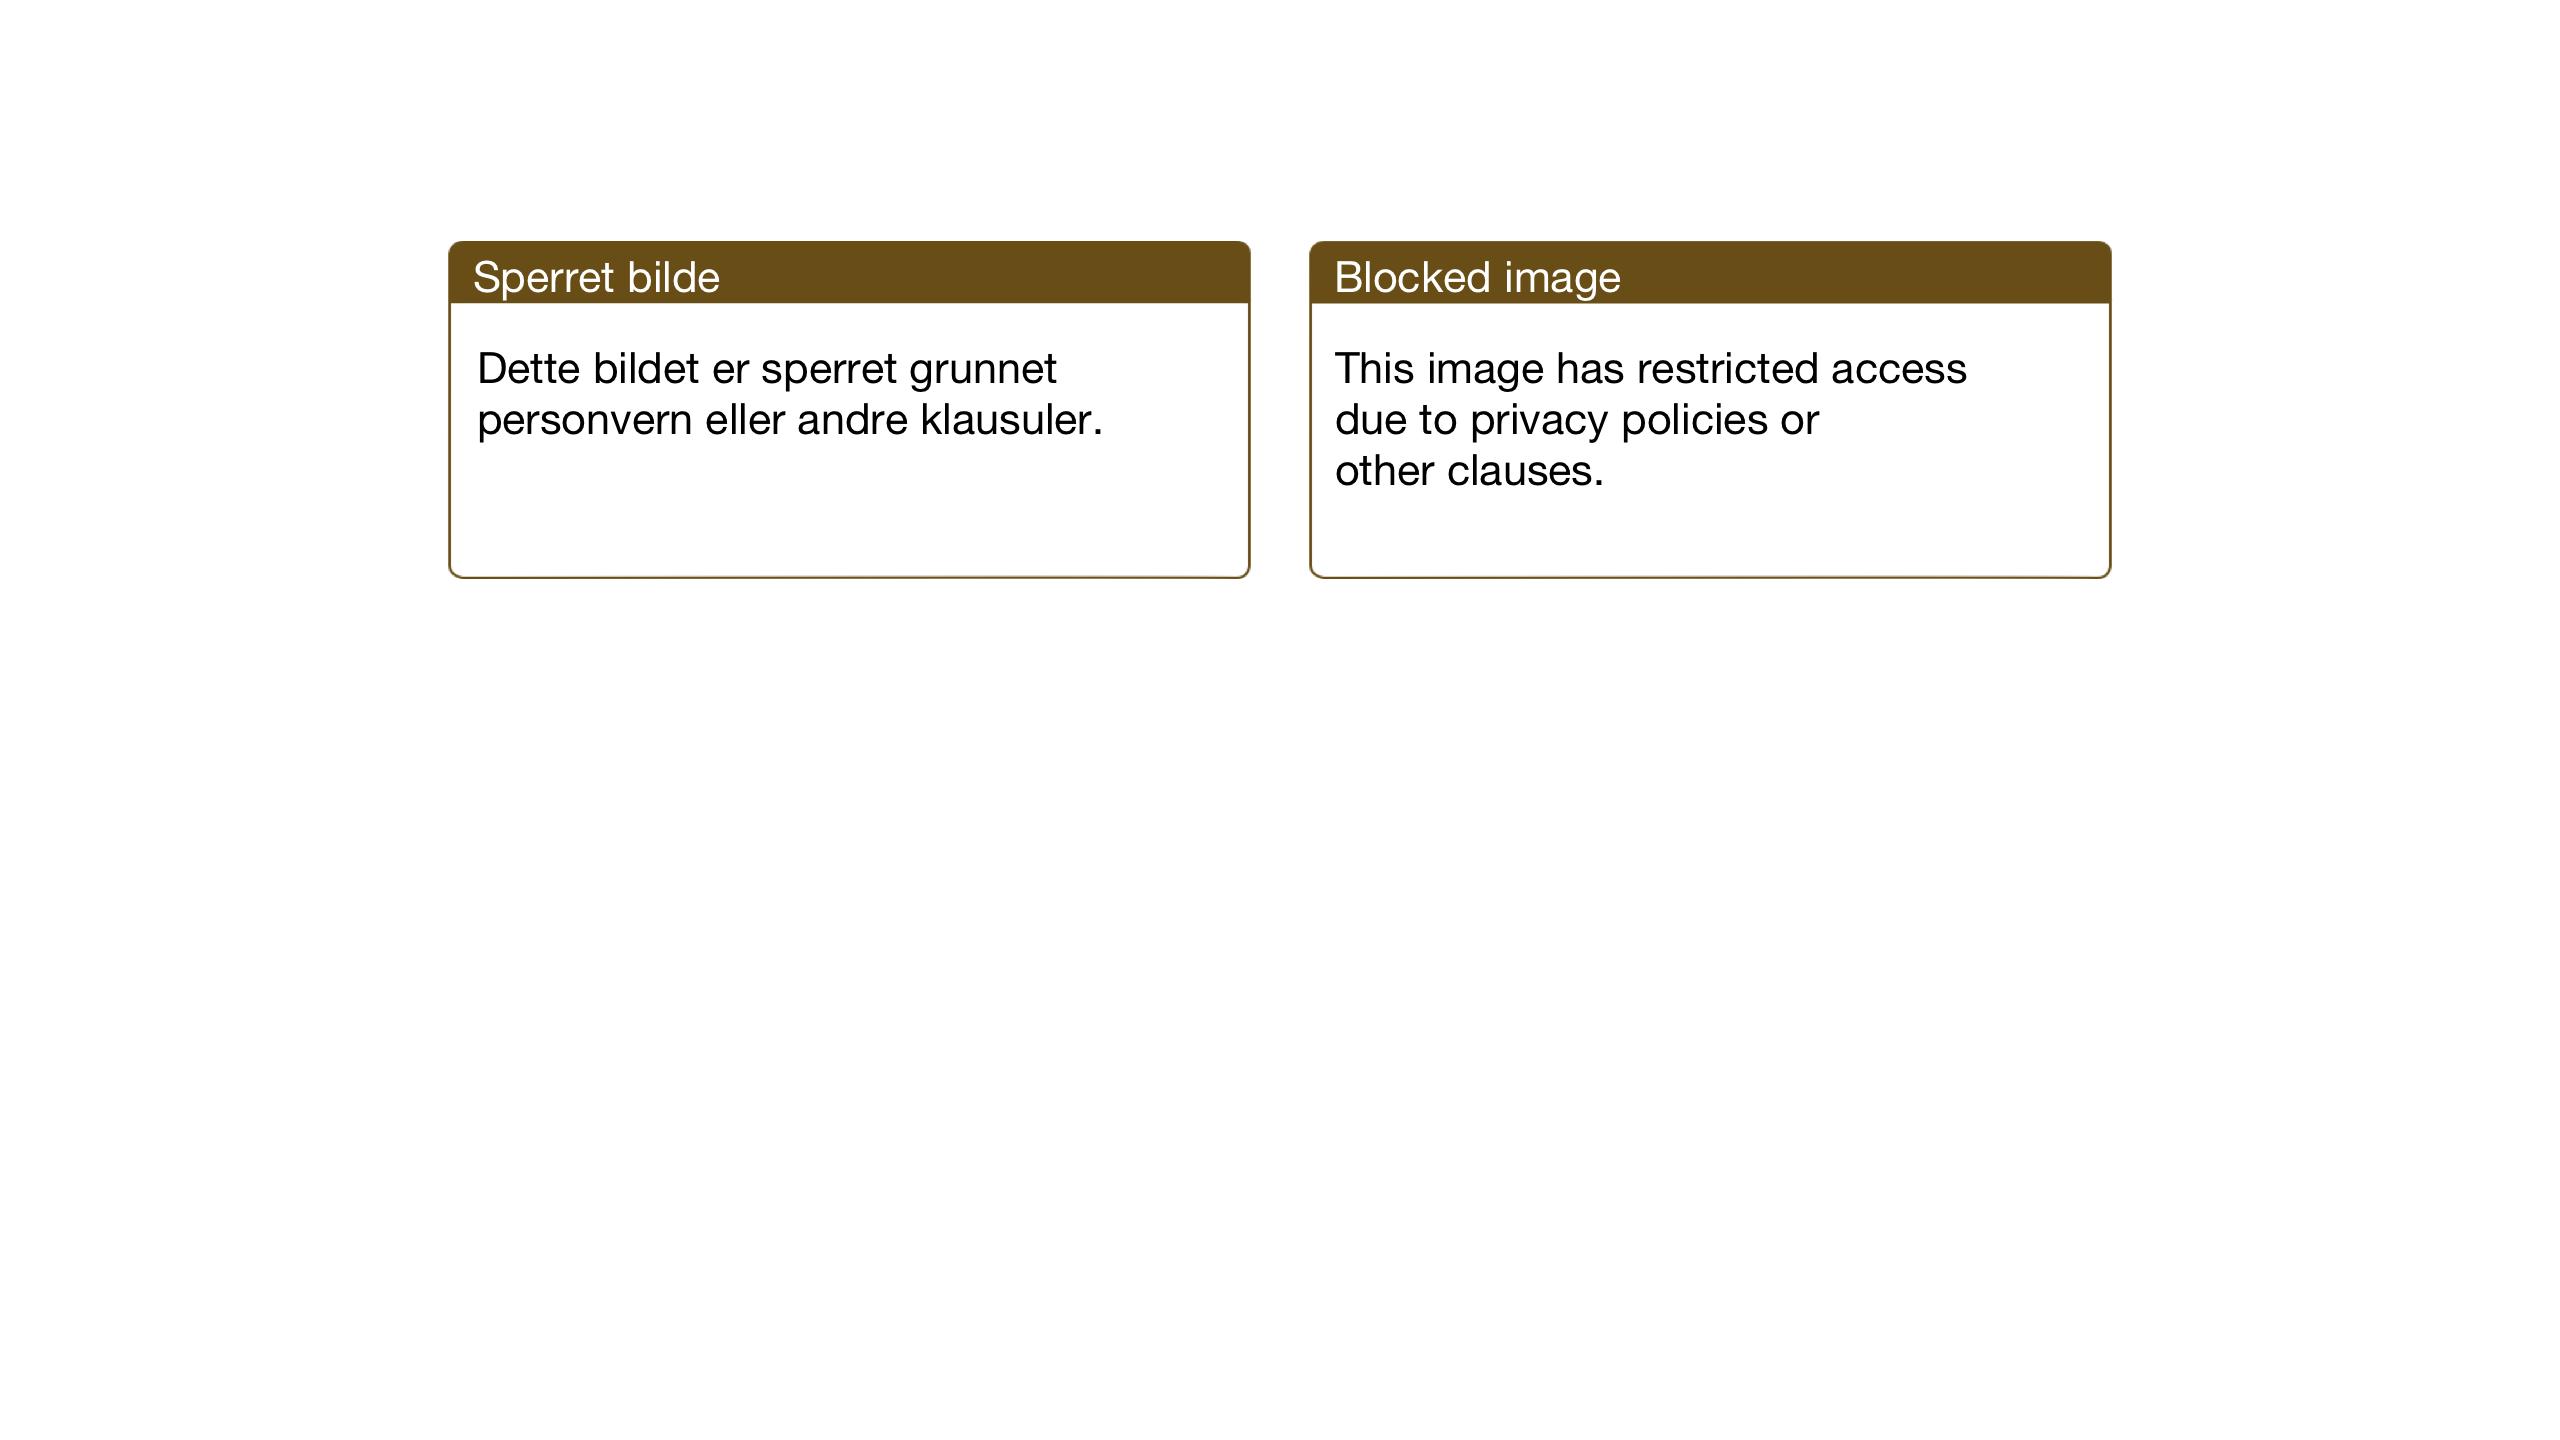 SAT, Ministerialprotokoller, klokkerbøker og fødselsregistre - Nord-Trøndelag, 747/L0460: Klokkerbok nr. 747C02, 1908-1939, s. 30